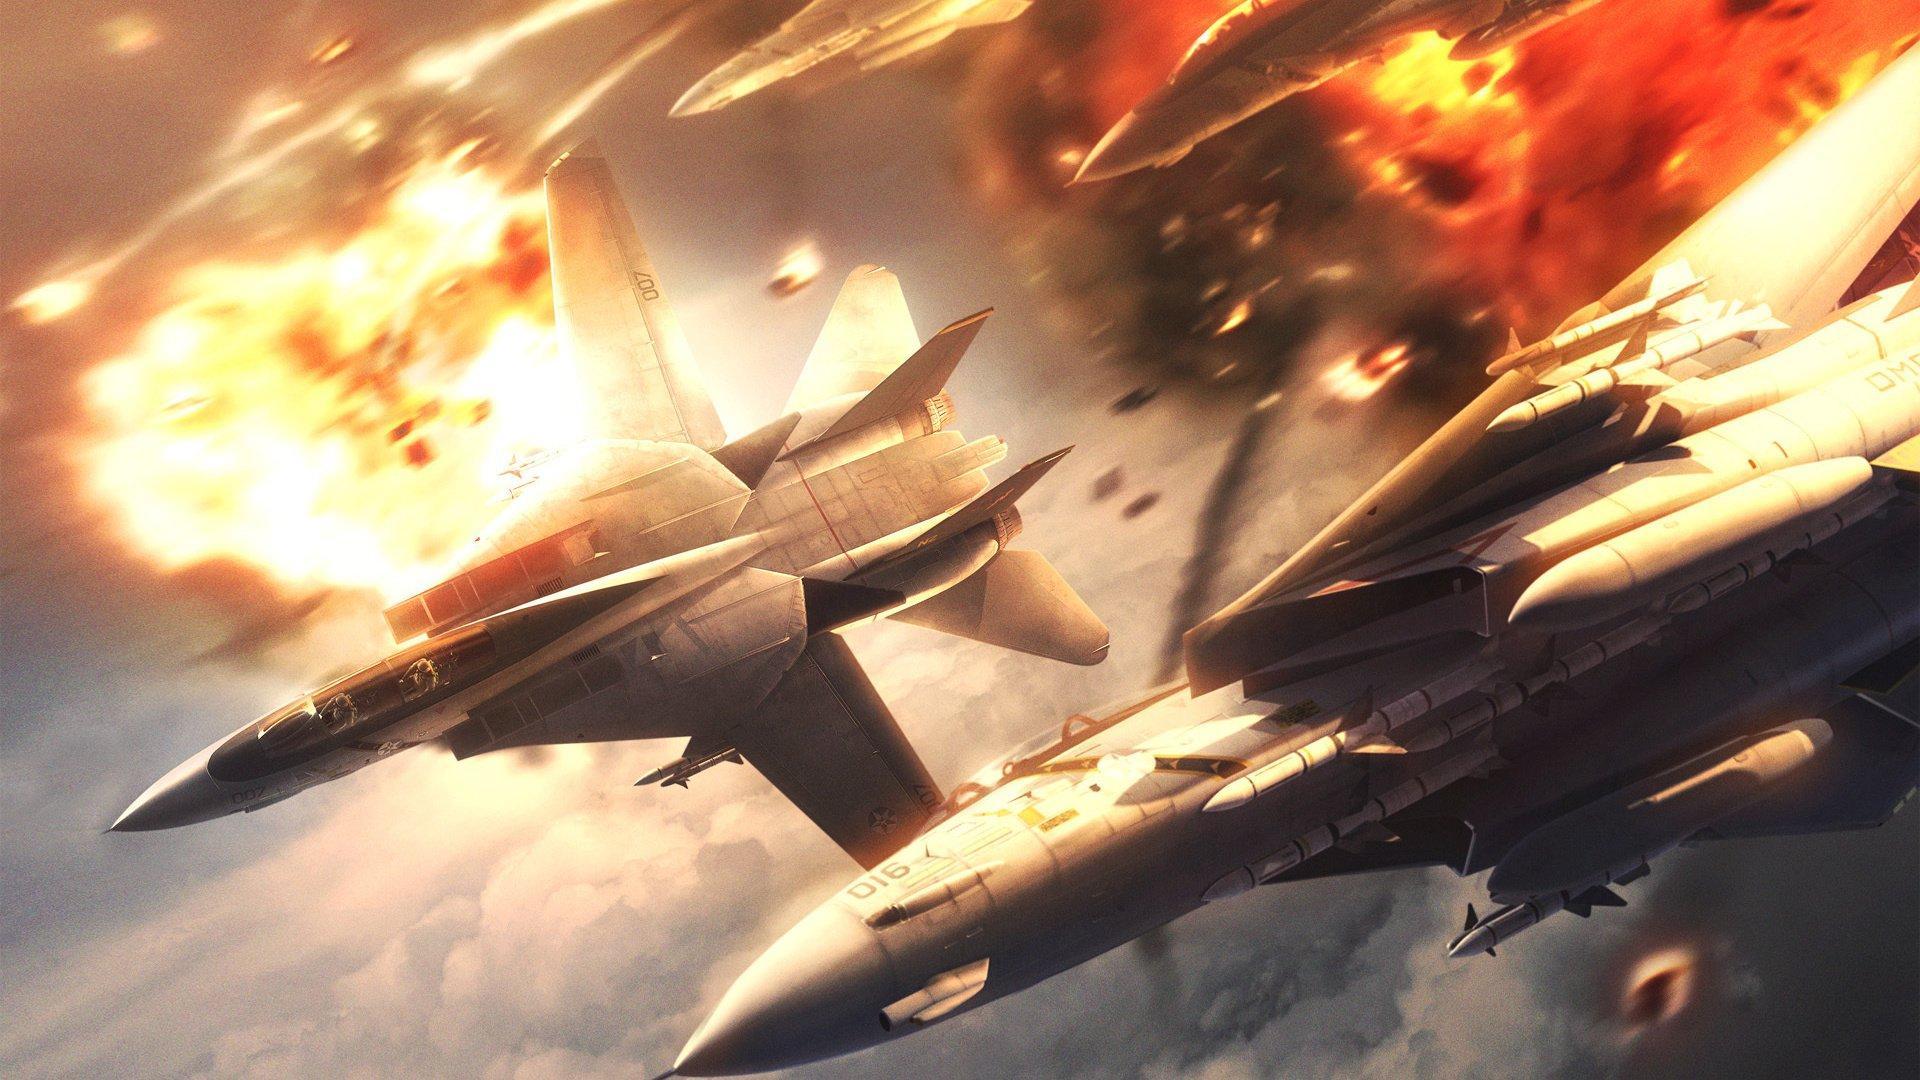 Облака сгущаются: чем cloud-сервисы опасны для игровой индустрии? - 11